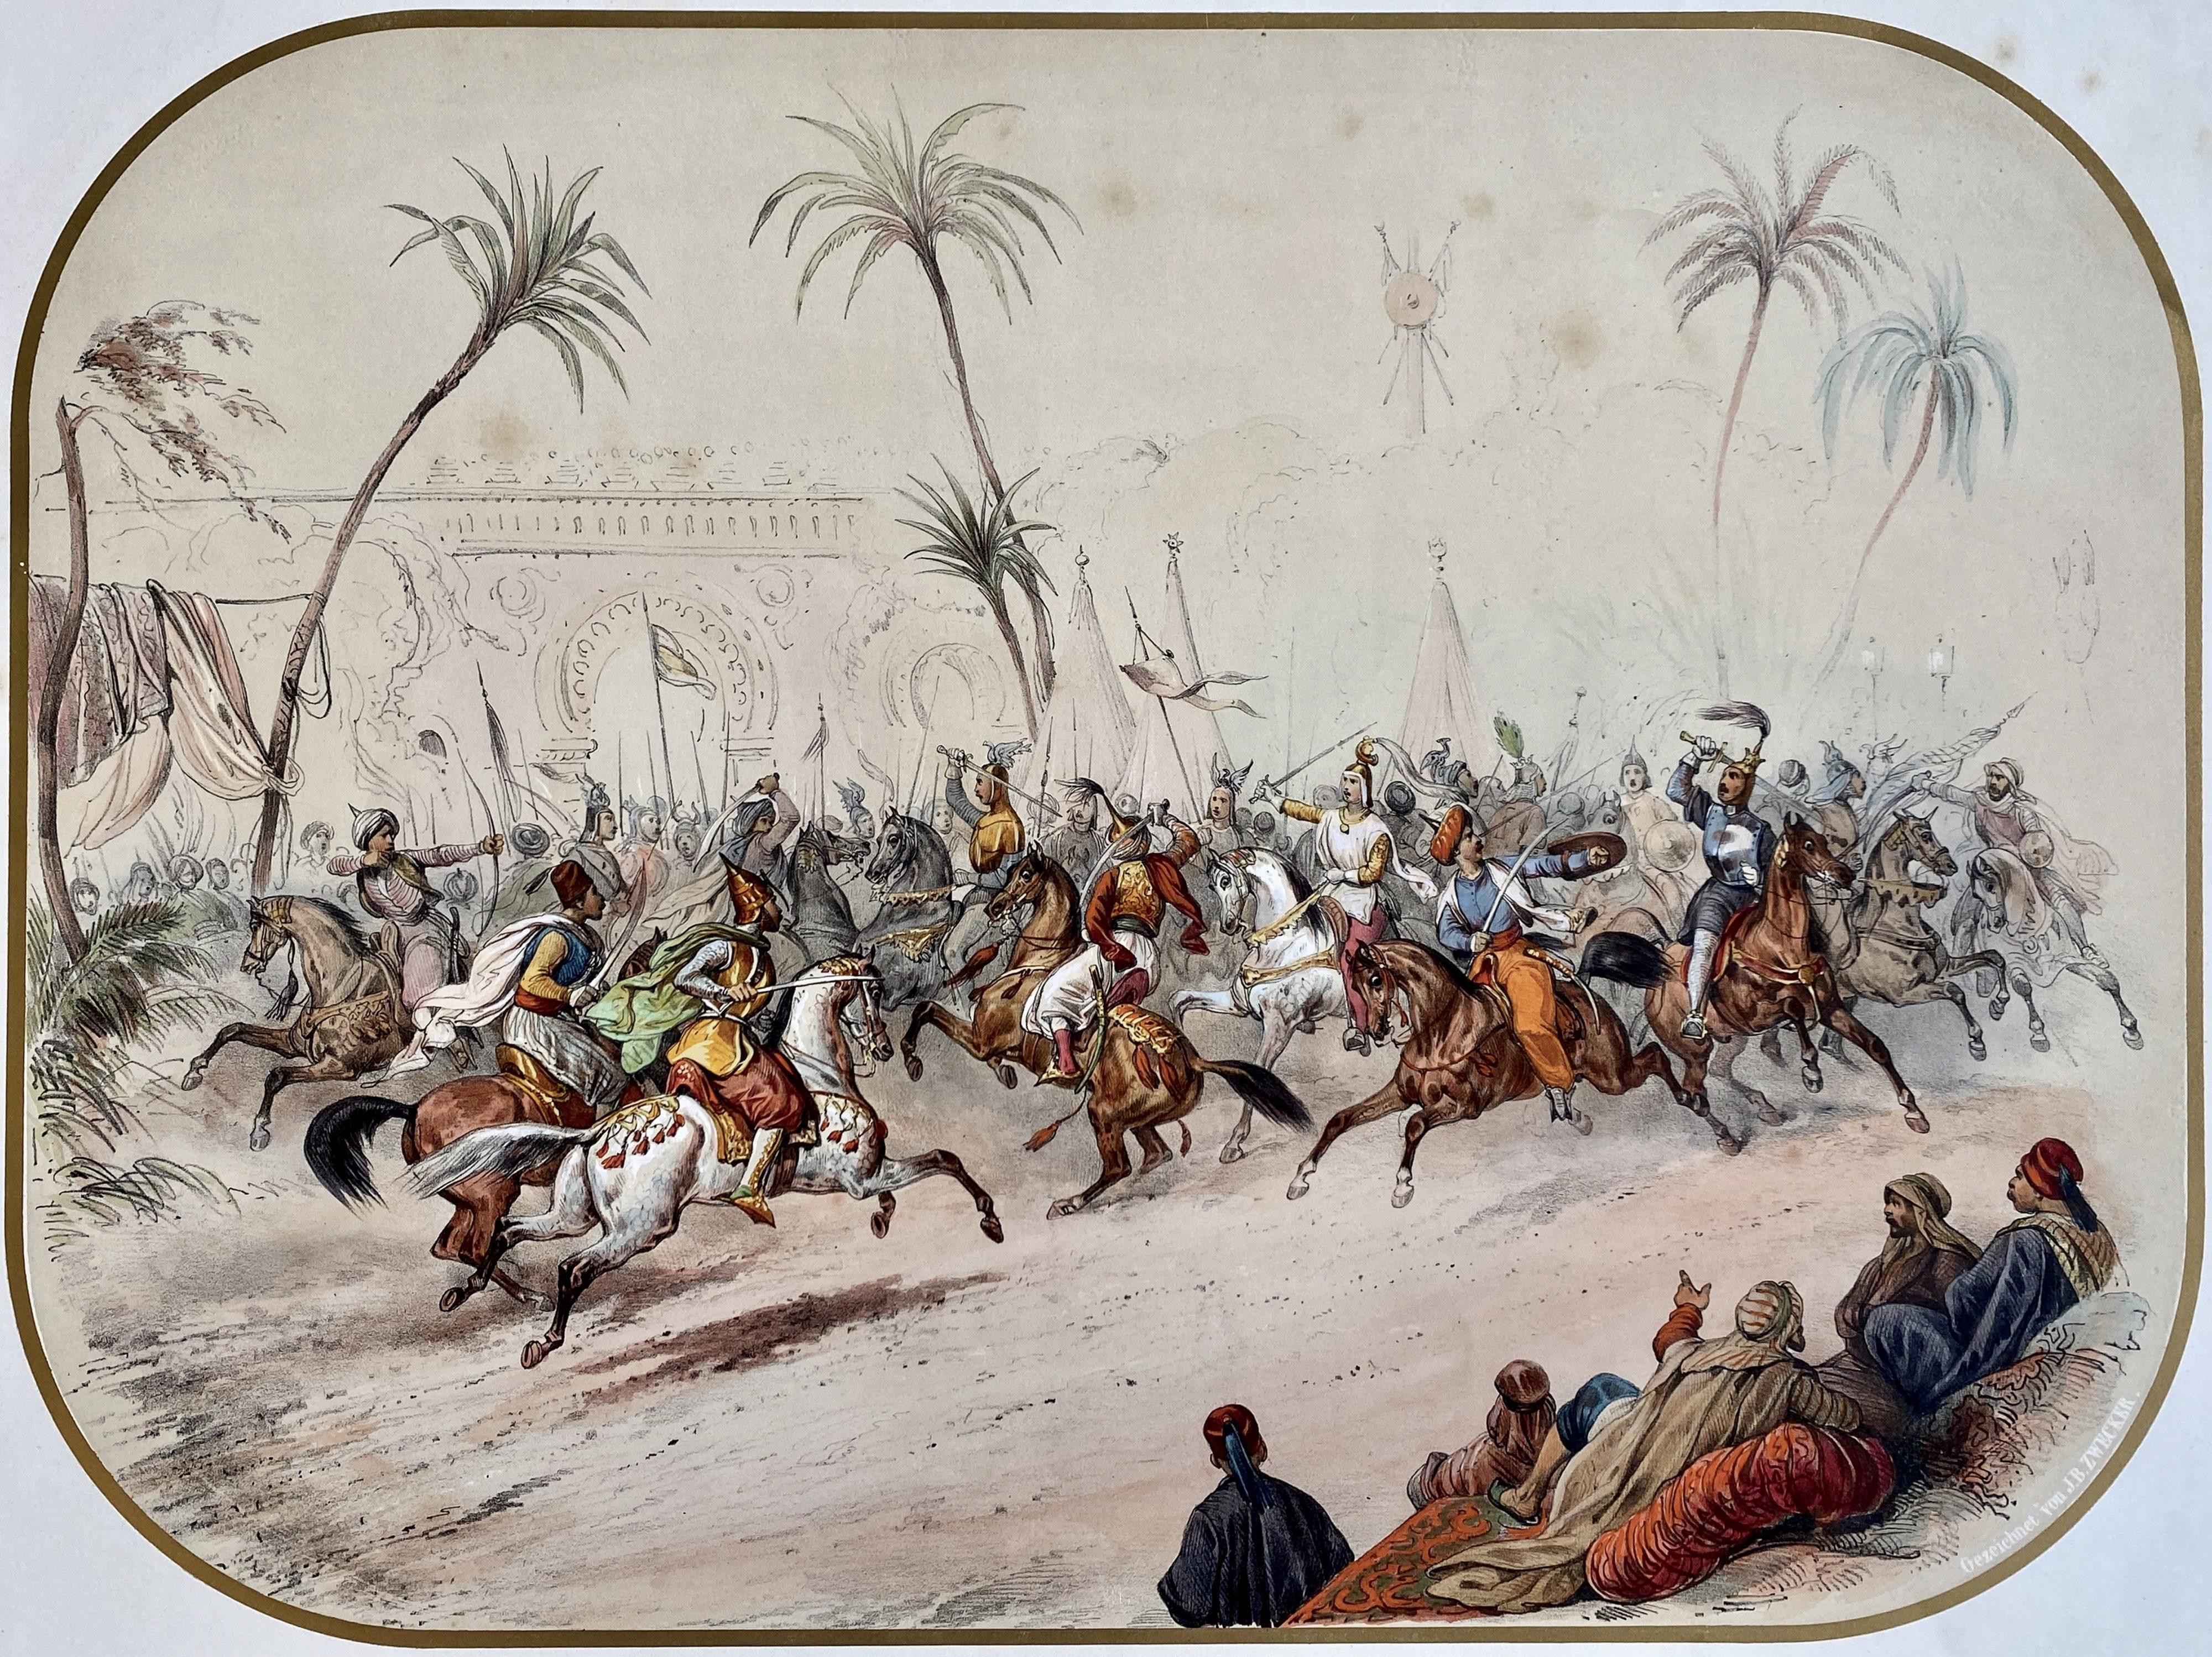 Reiterspiel/Caroussel 1846: Kampfspiele gegen Schluss – Gesamtbild